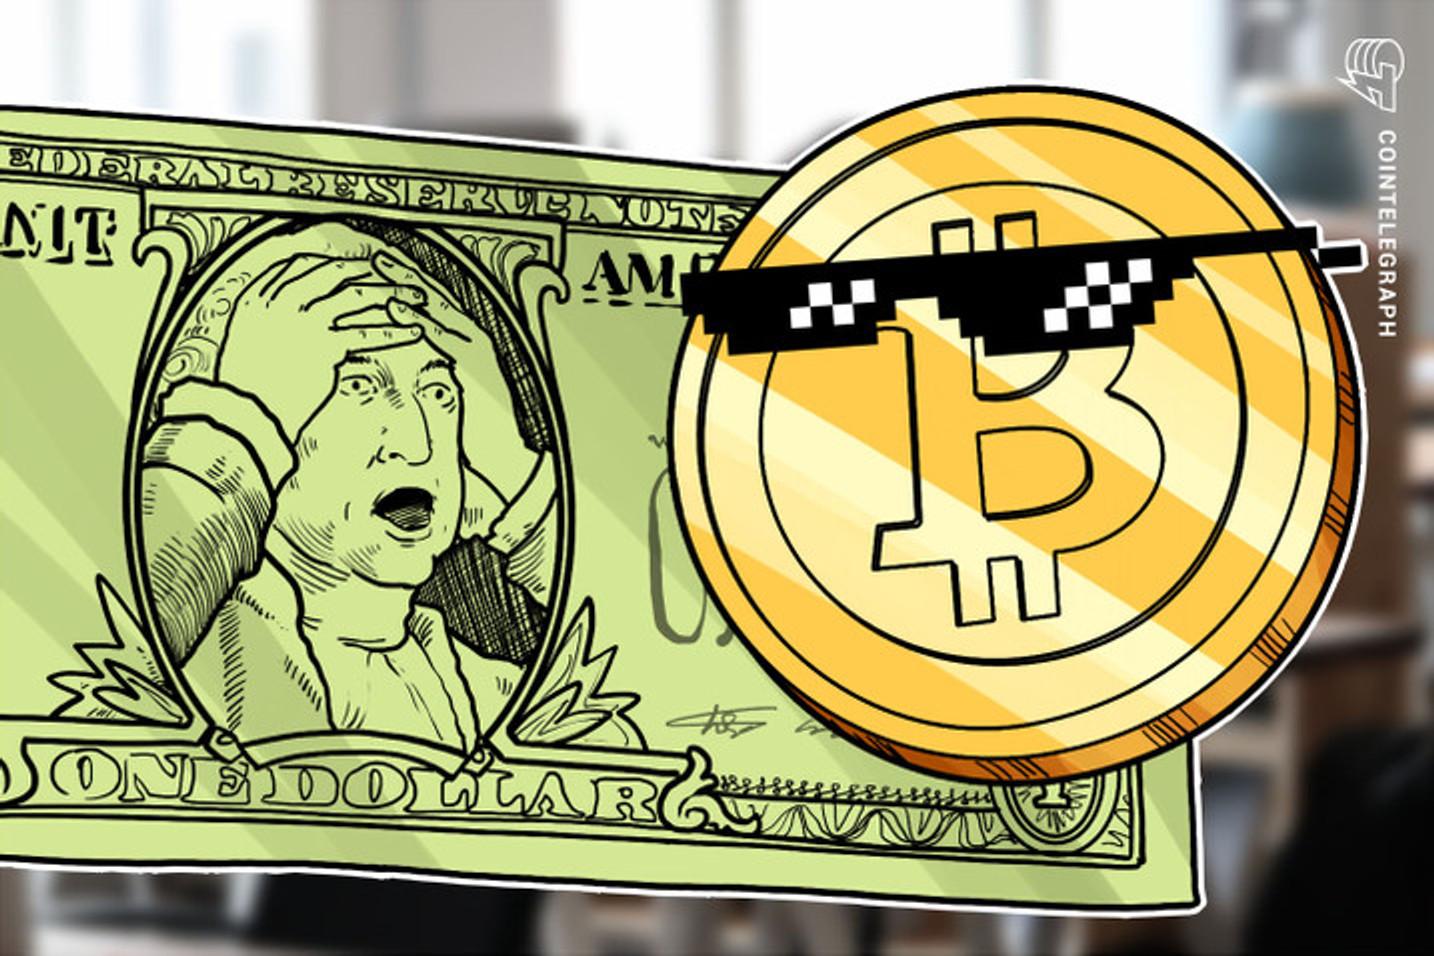 Com dólar em alta, preço do Bitcoin recupera nível de janeiro em exchanges do Brasil